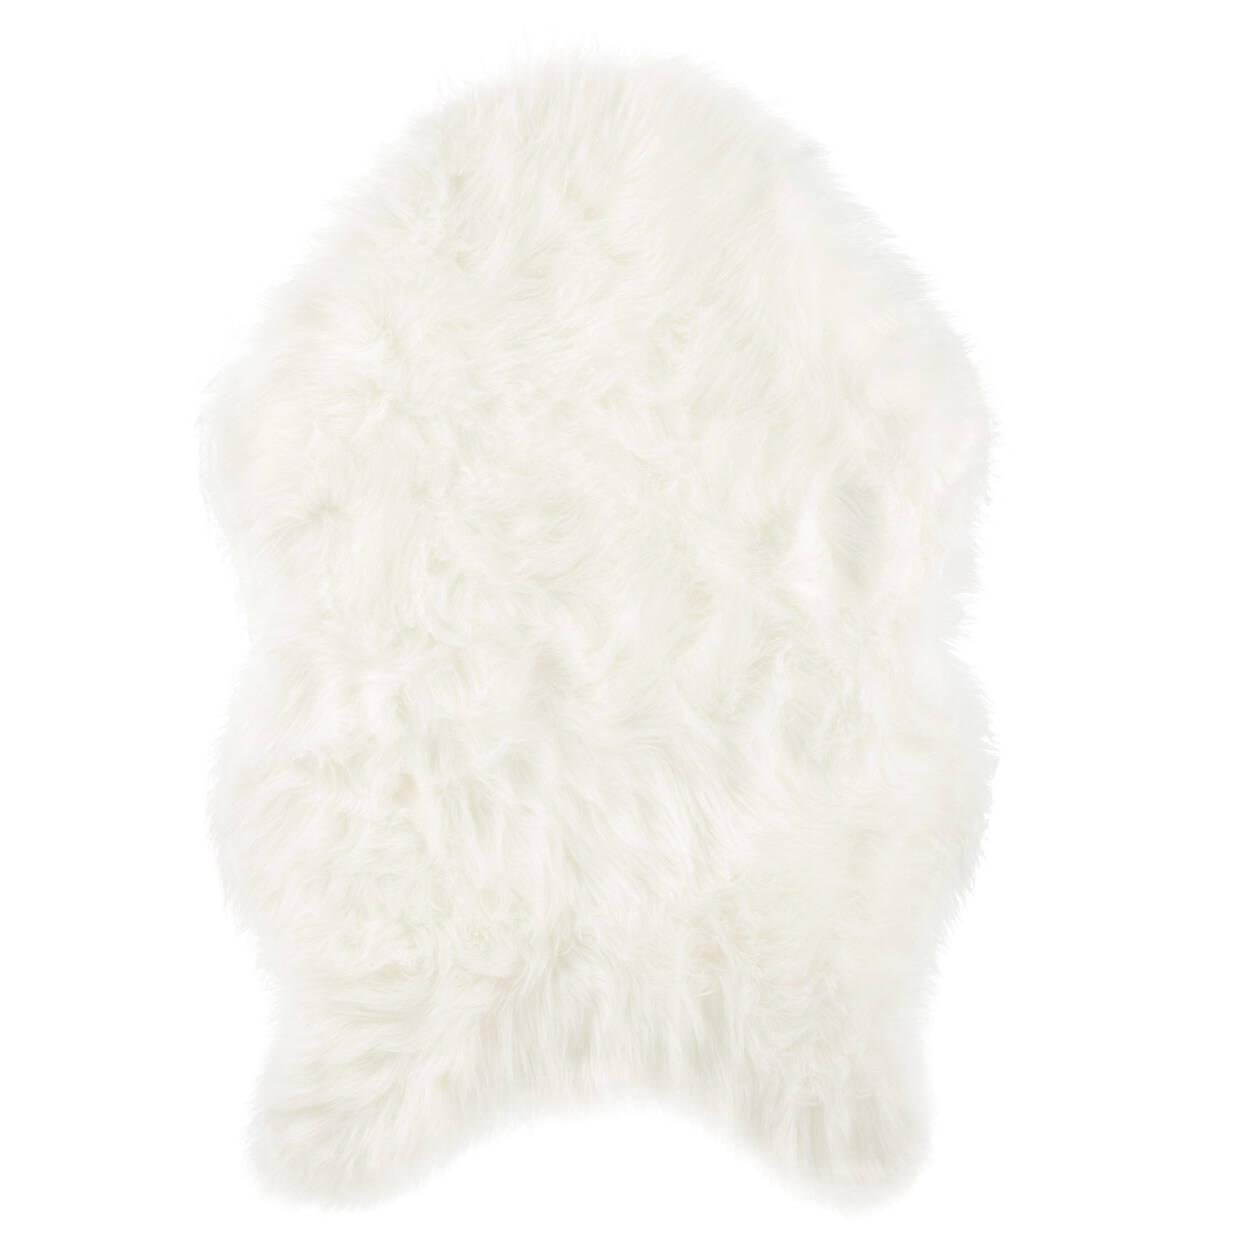 Tapis effet peau de mouton en fausse fourrure | Bouclair.com